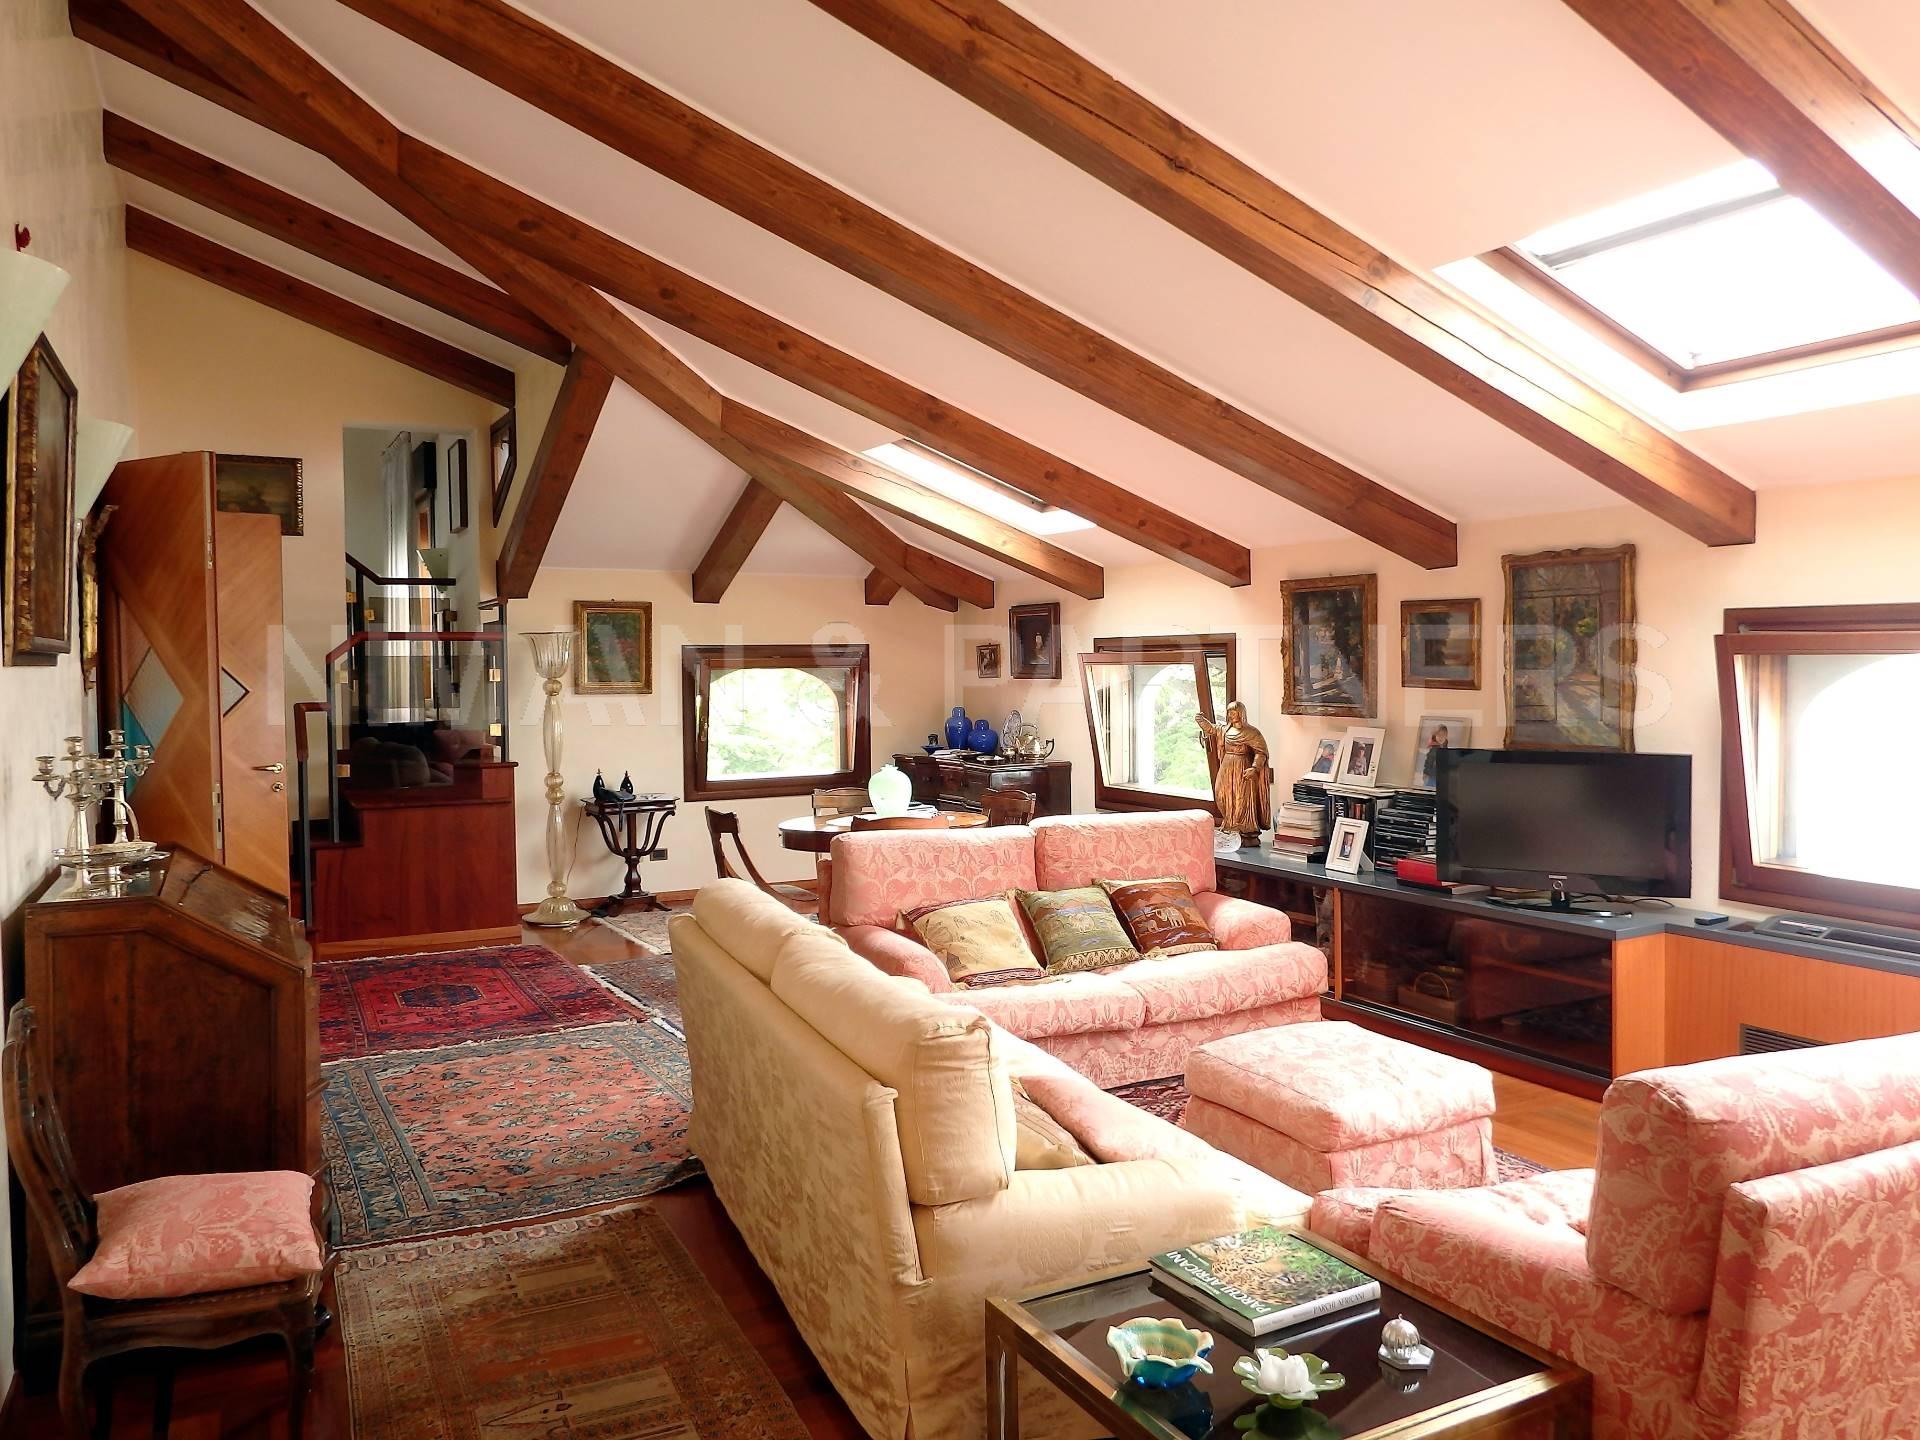 Appartamento in vendita a Venezia, 4 locali, zona Zona: 8 . Lido, prezzo € 800.000 | Cambio Casa.it